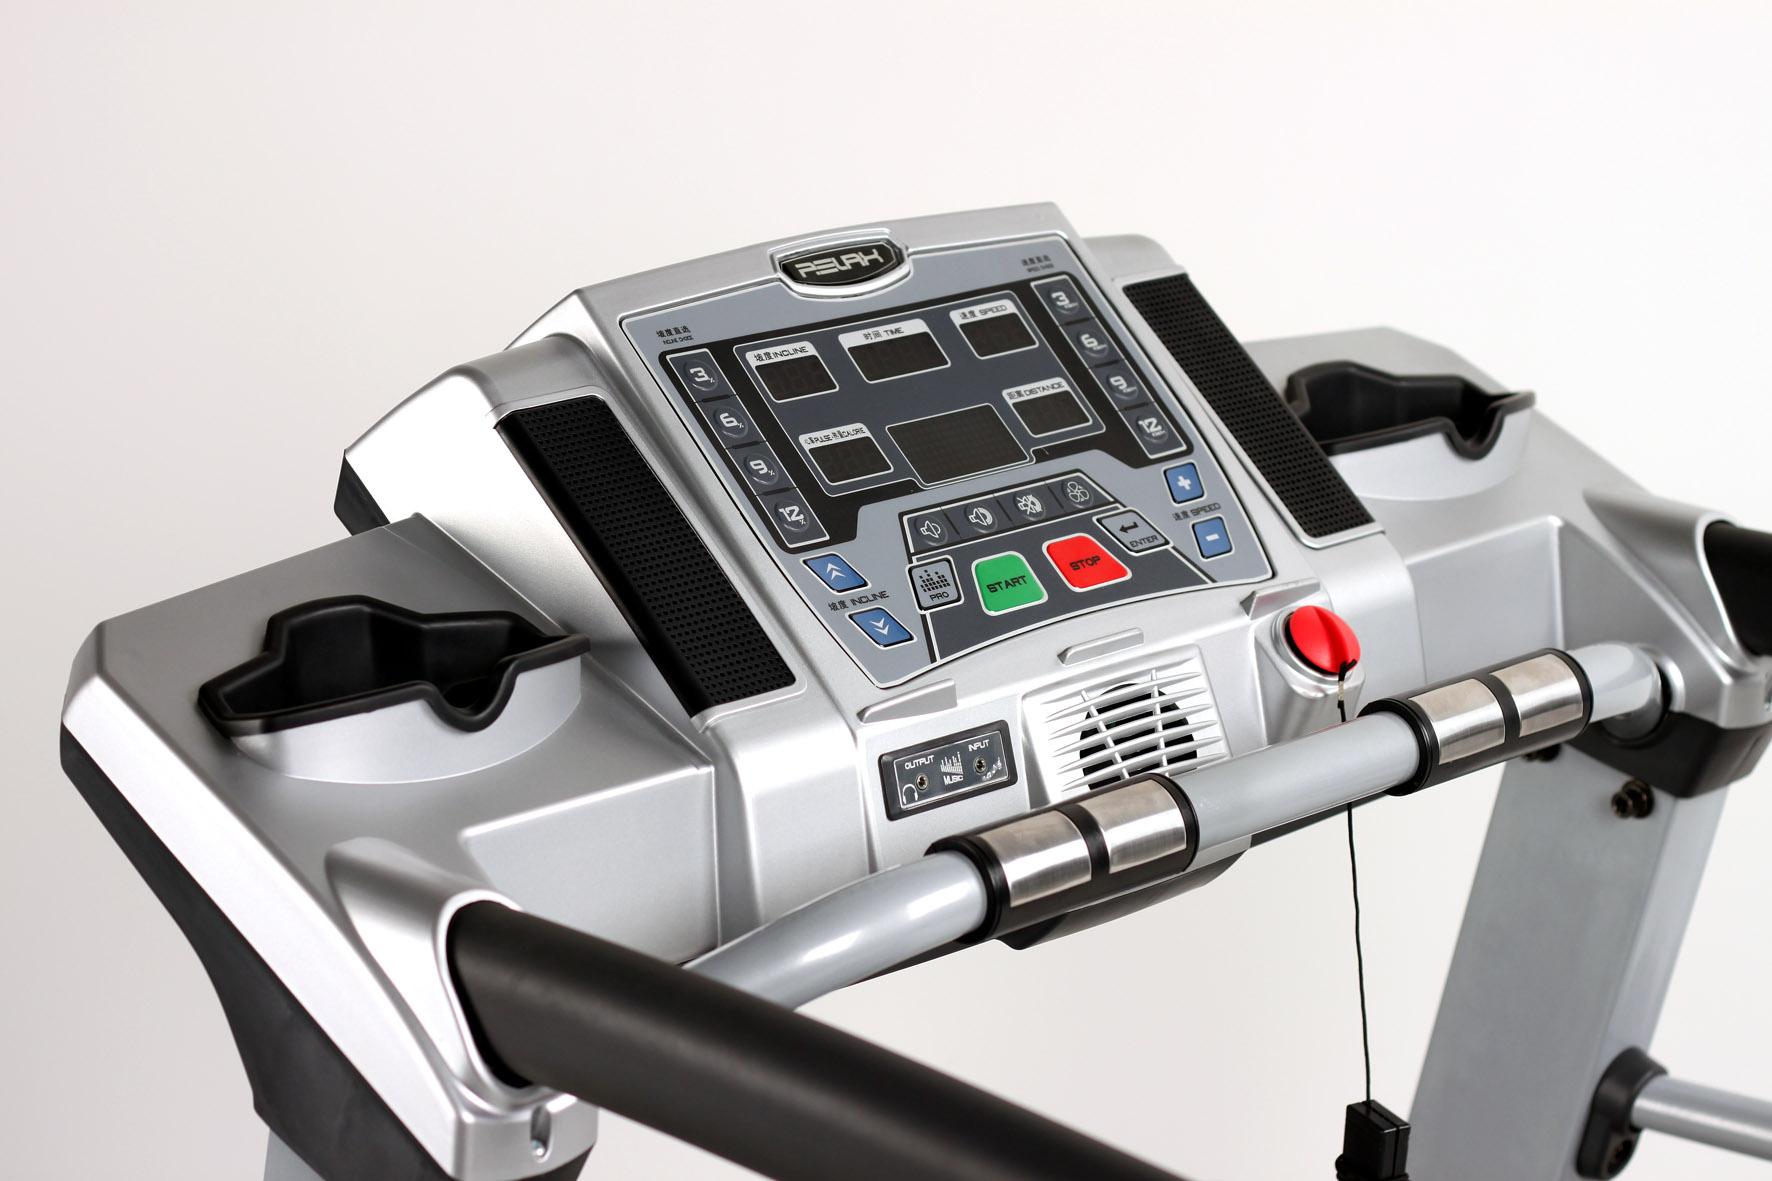 英吉多跑步机 英吉多健身器材—英吉多hd-6701s